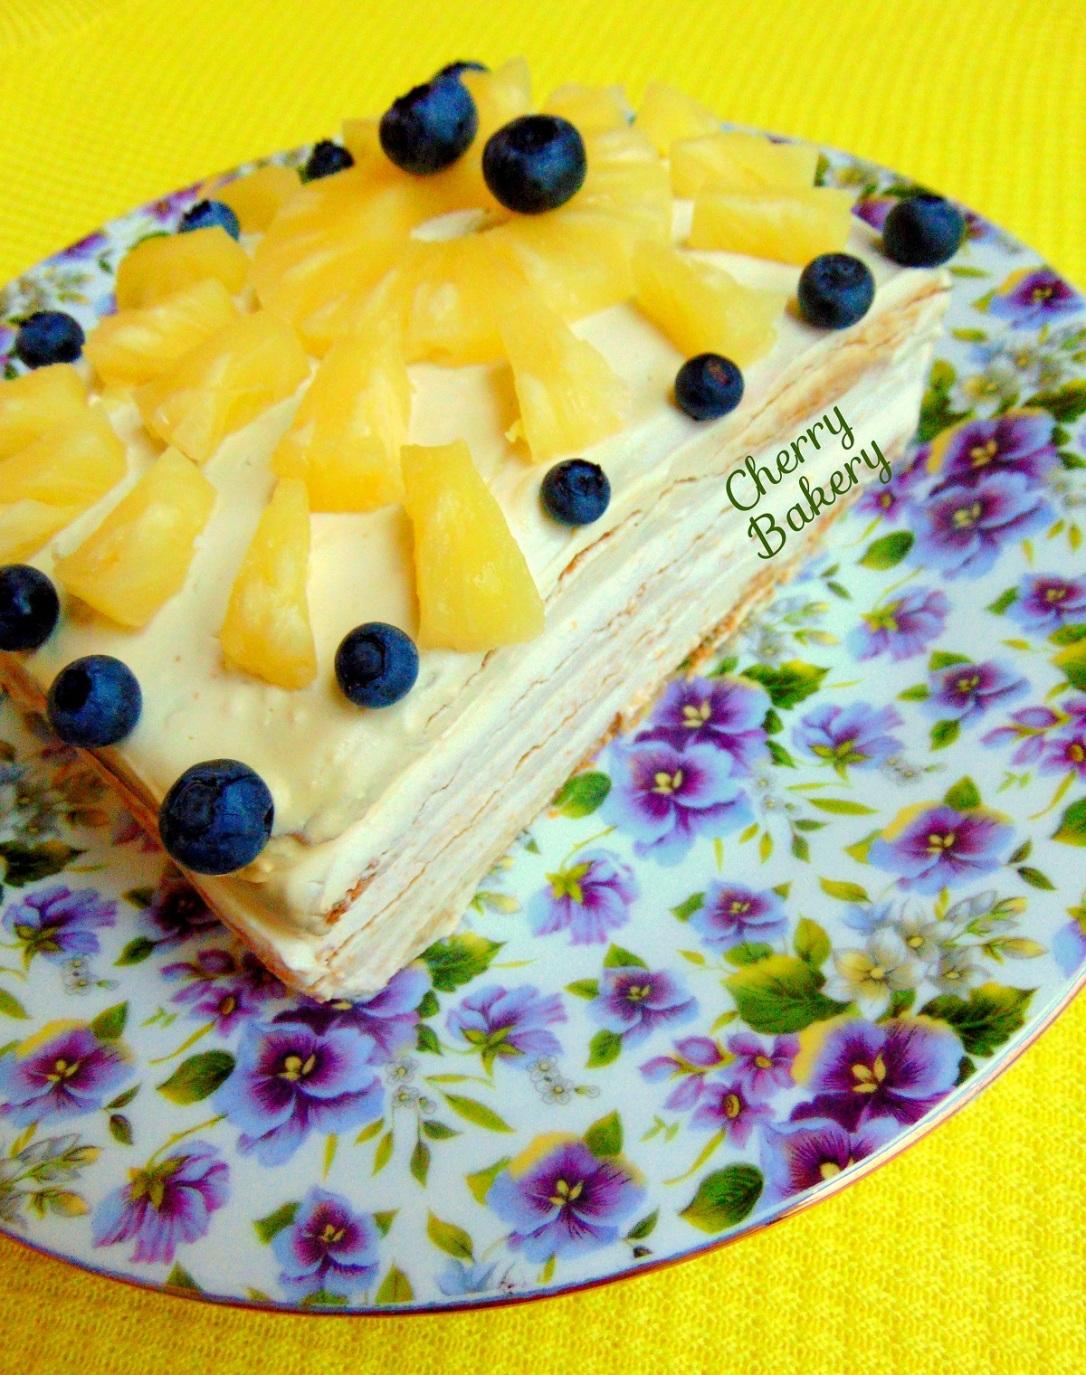 torta-2-smaller